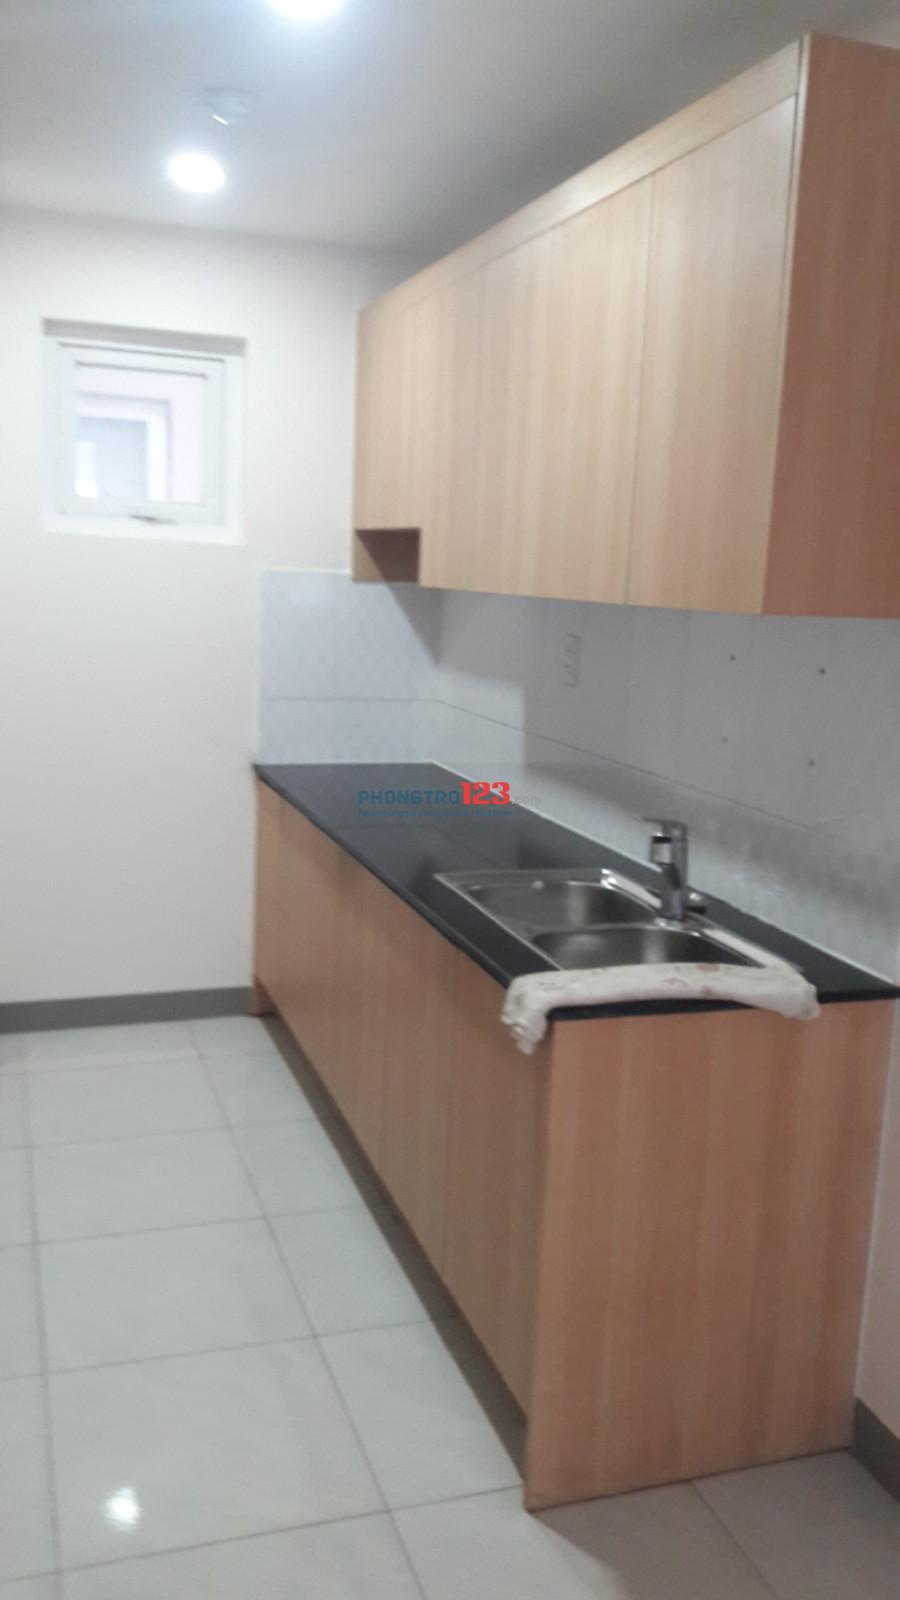 Cho thuê căn hộ chung cư Sky9 Quận 9. Giá 8 triệu/tháng